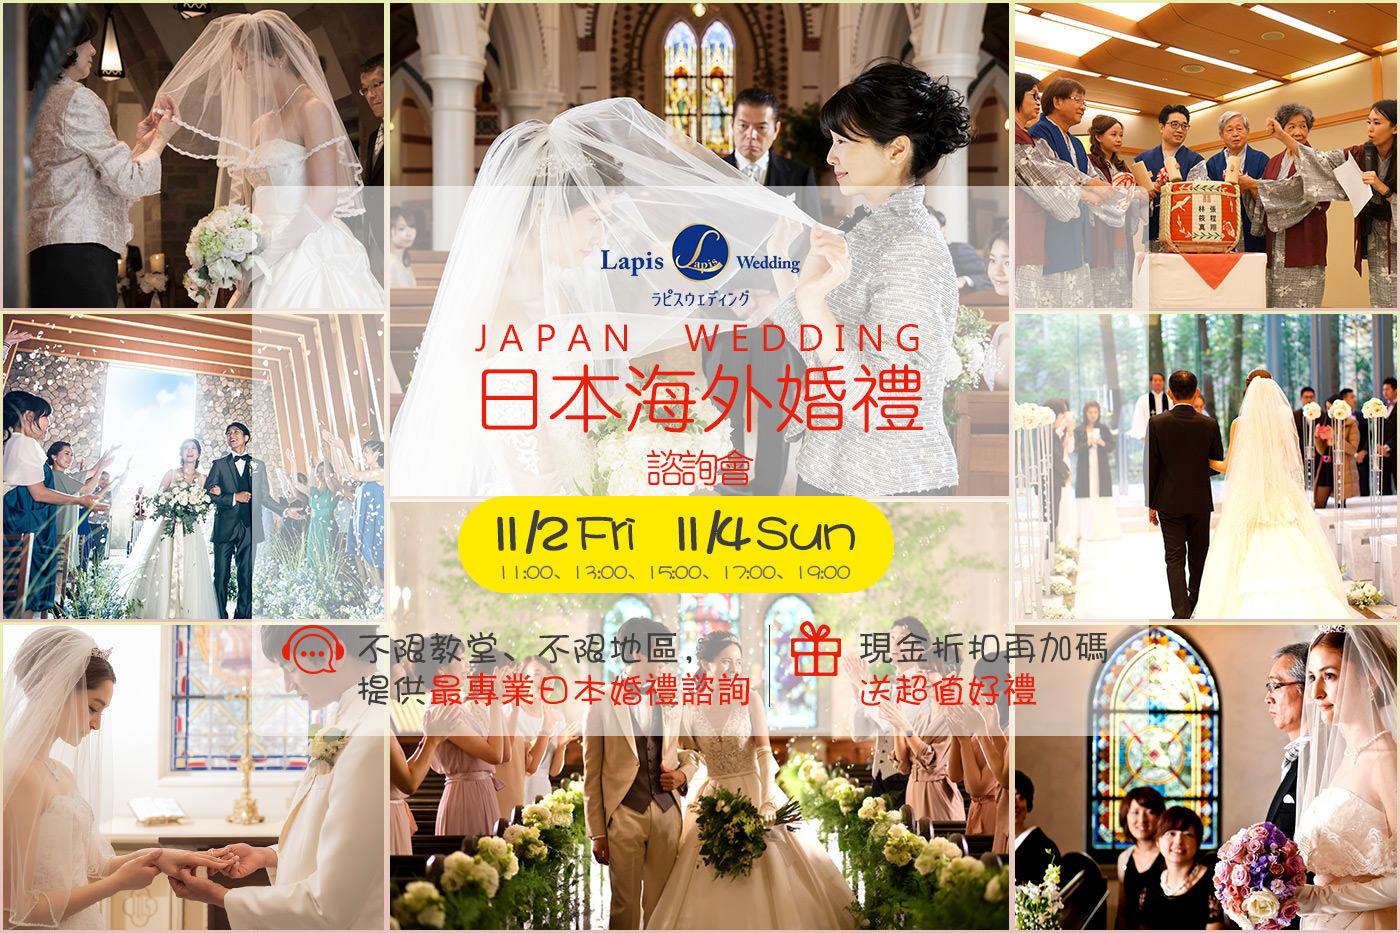 (繁體中文) 日本海外婚禮諮詢會